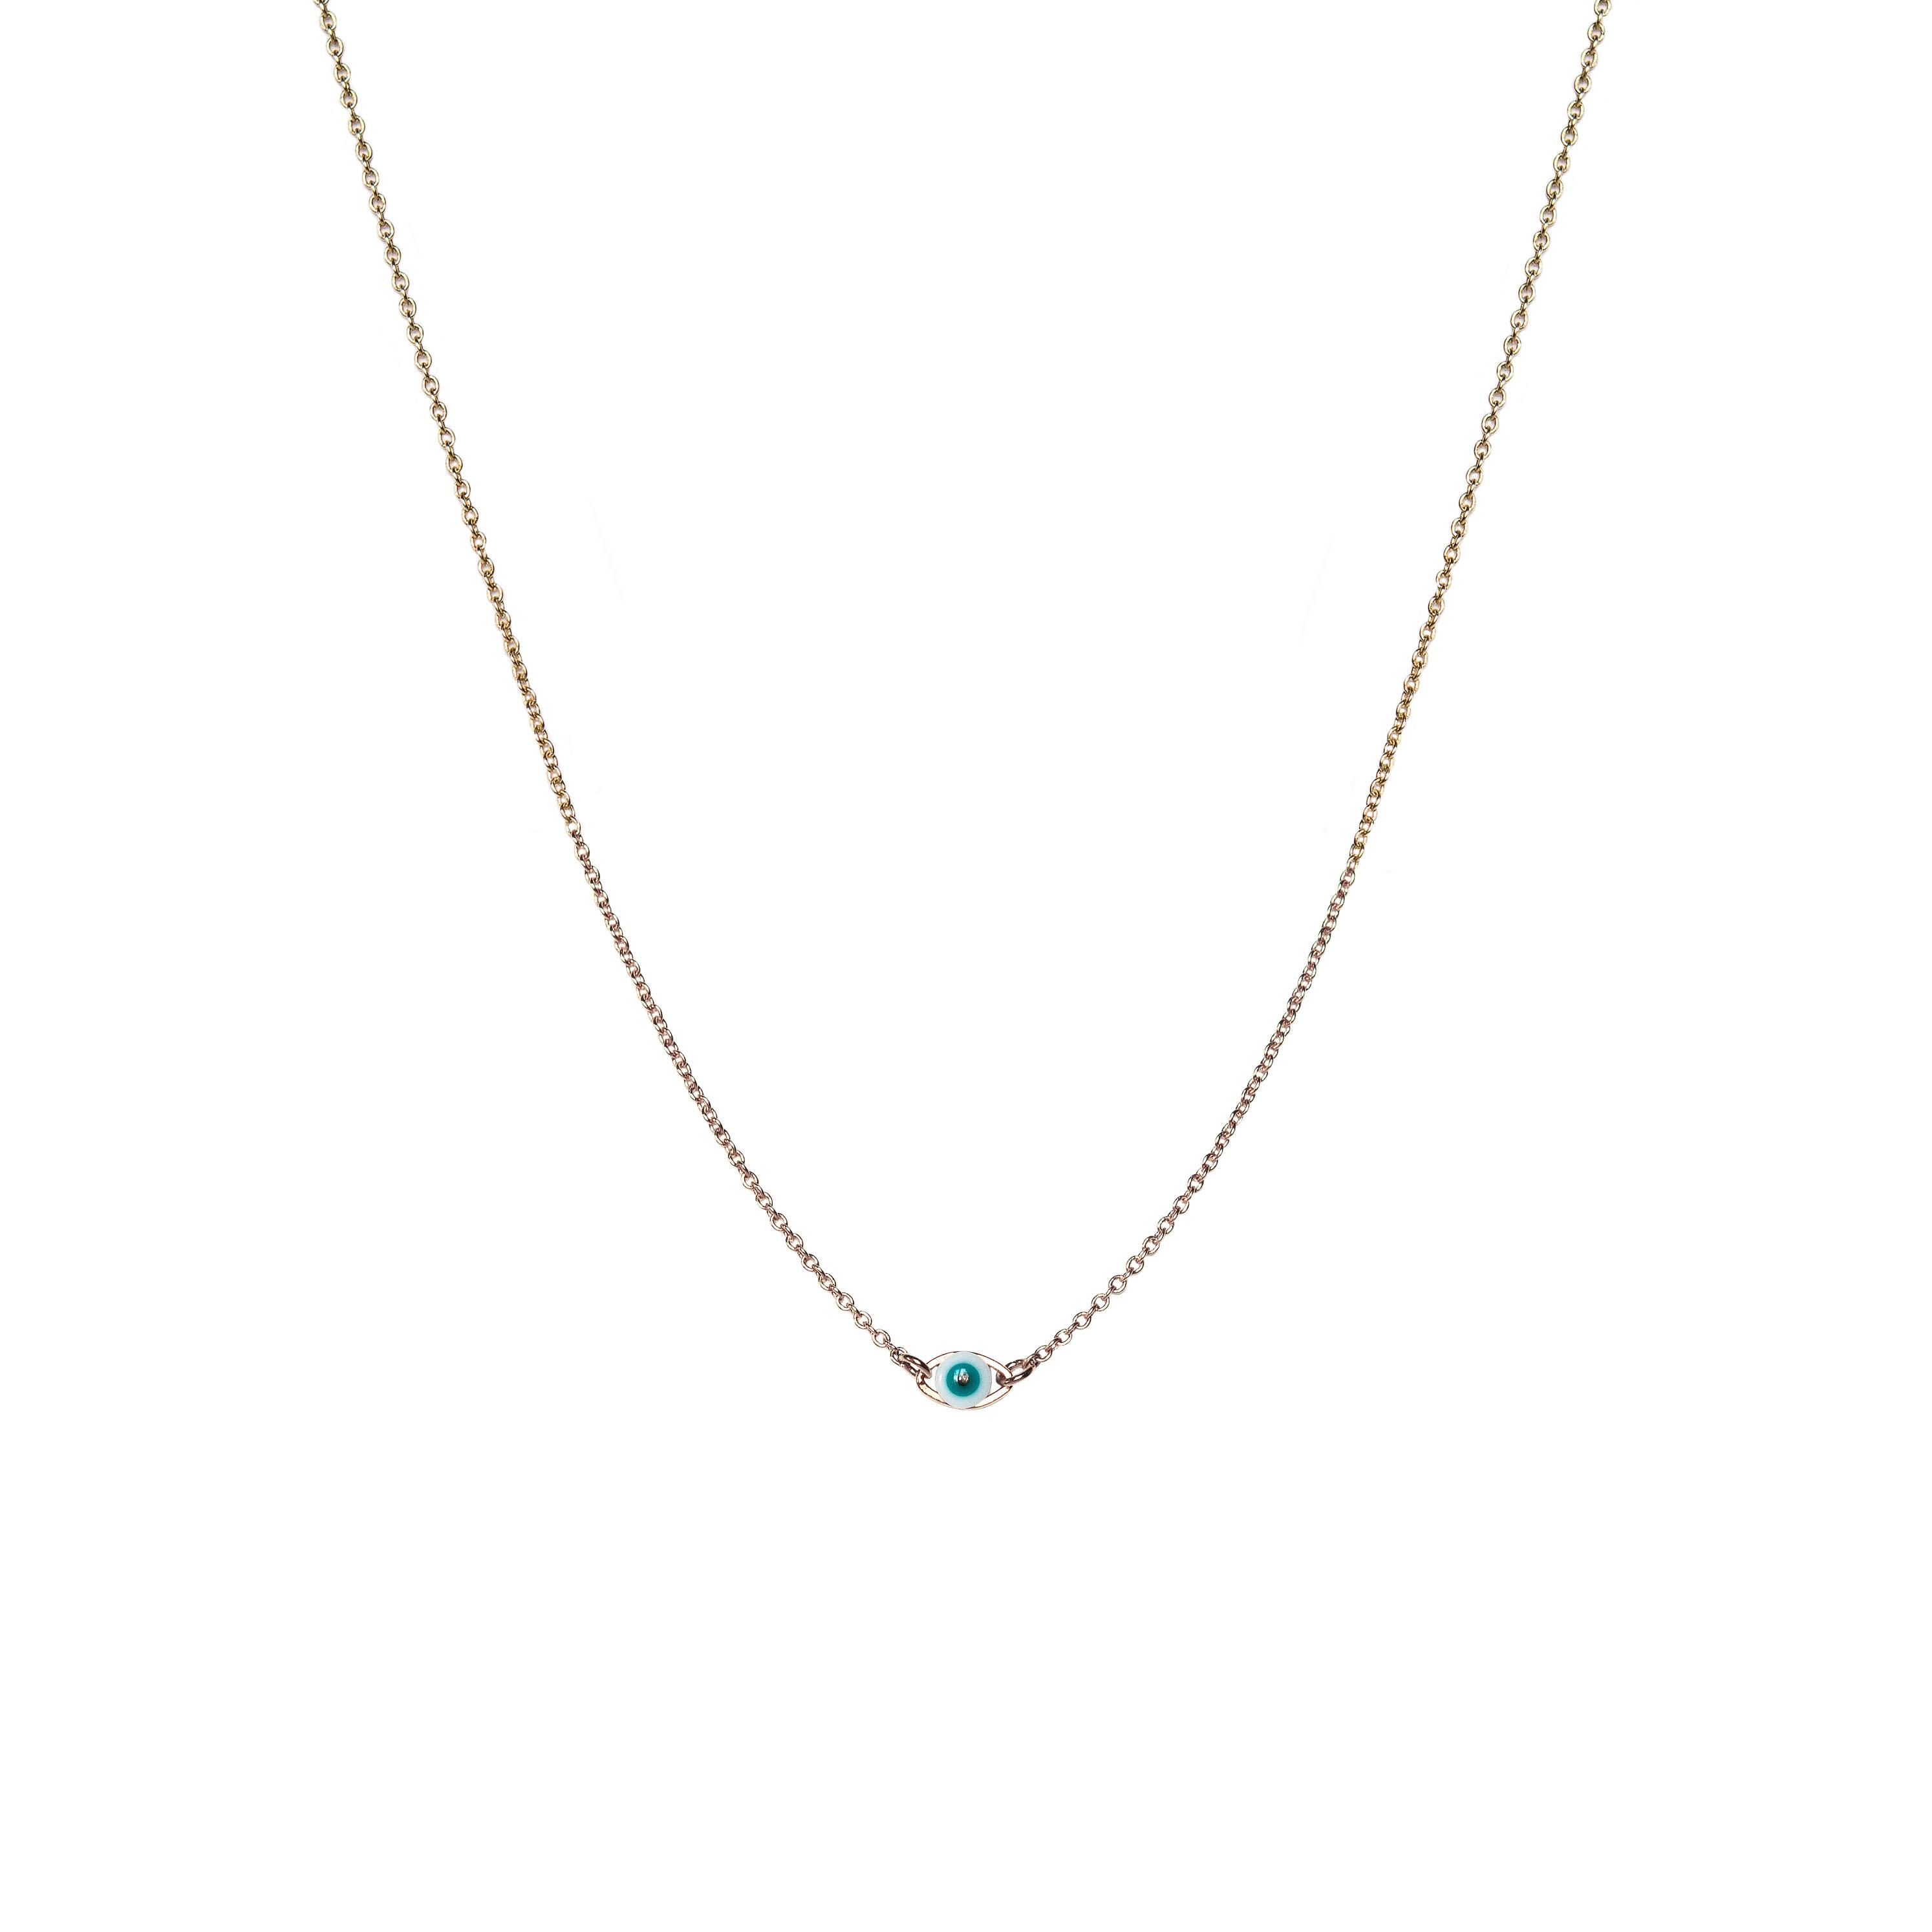 nouveau style de prix attractif beau lustre Collier oeil doré or fin 24 carats